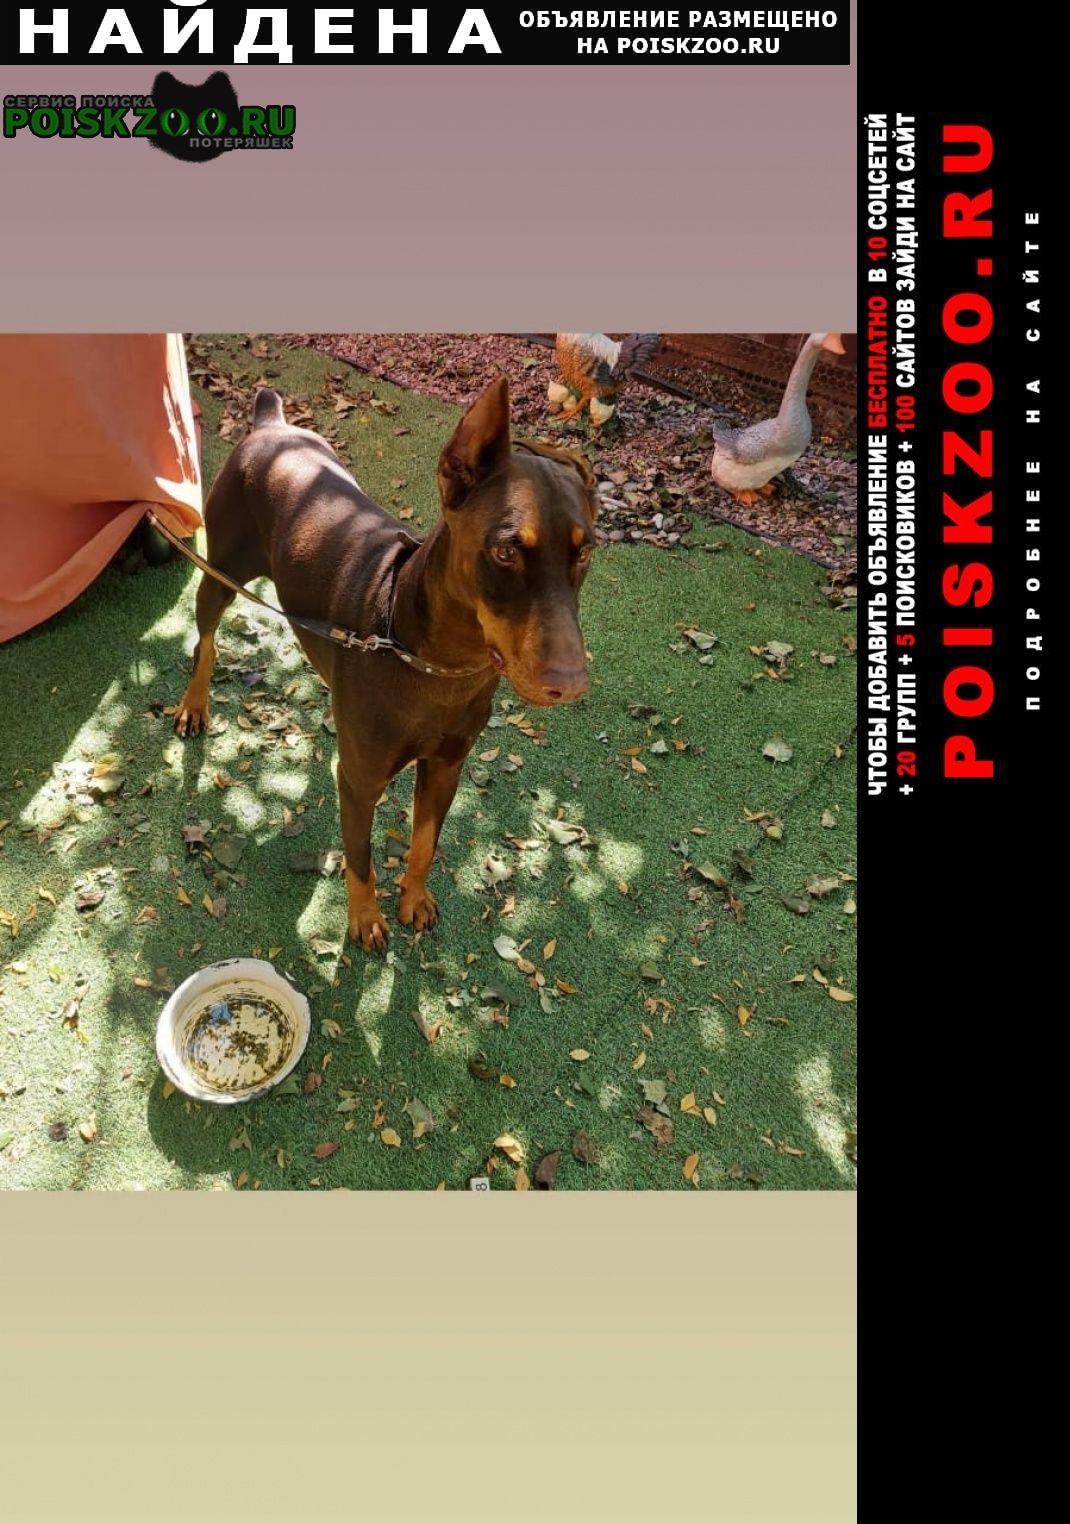 Найдена собака кобель доберман, Краснодар